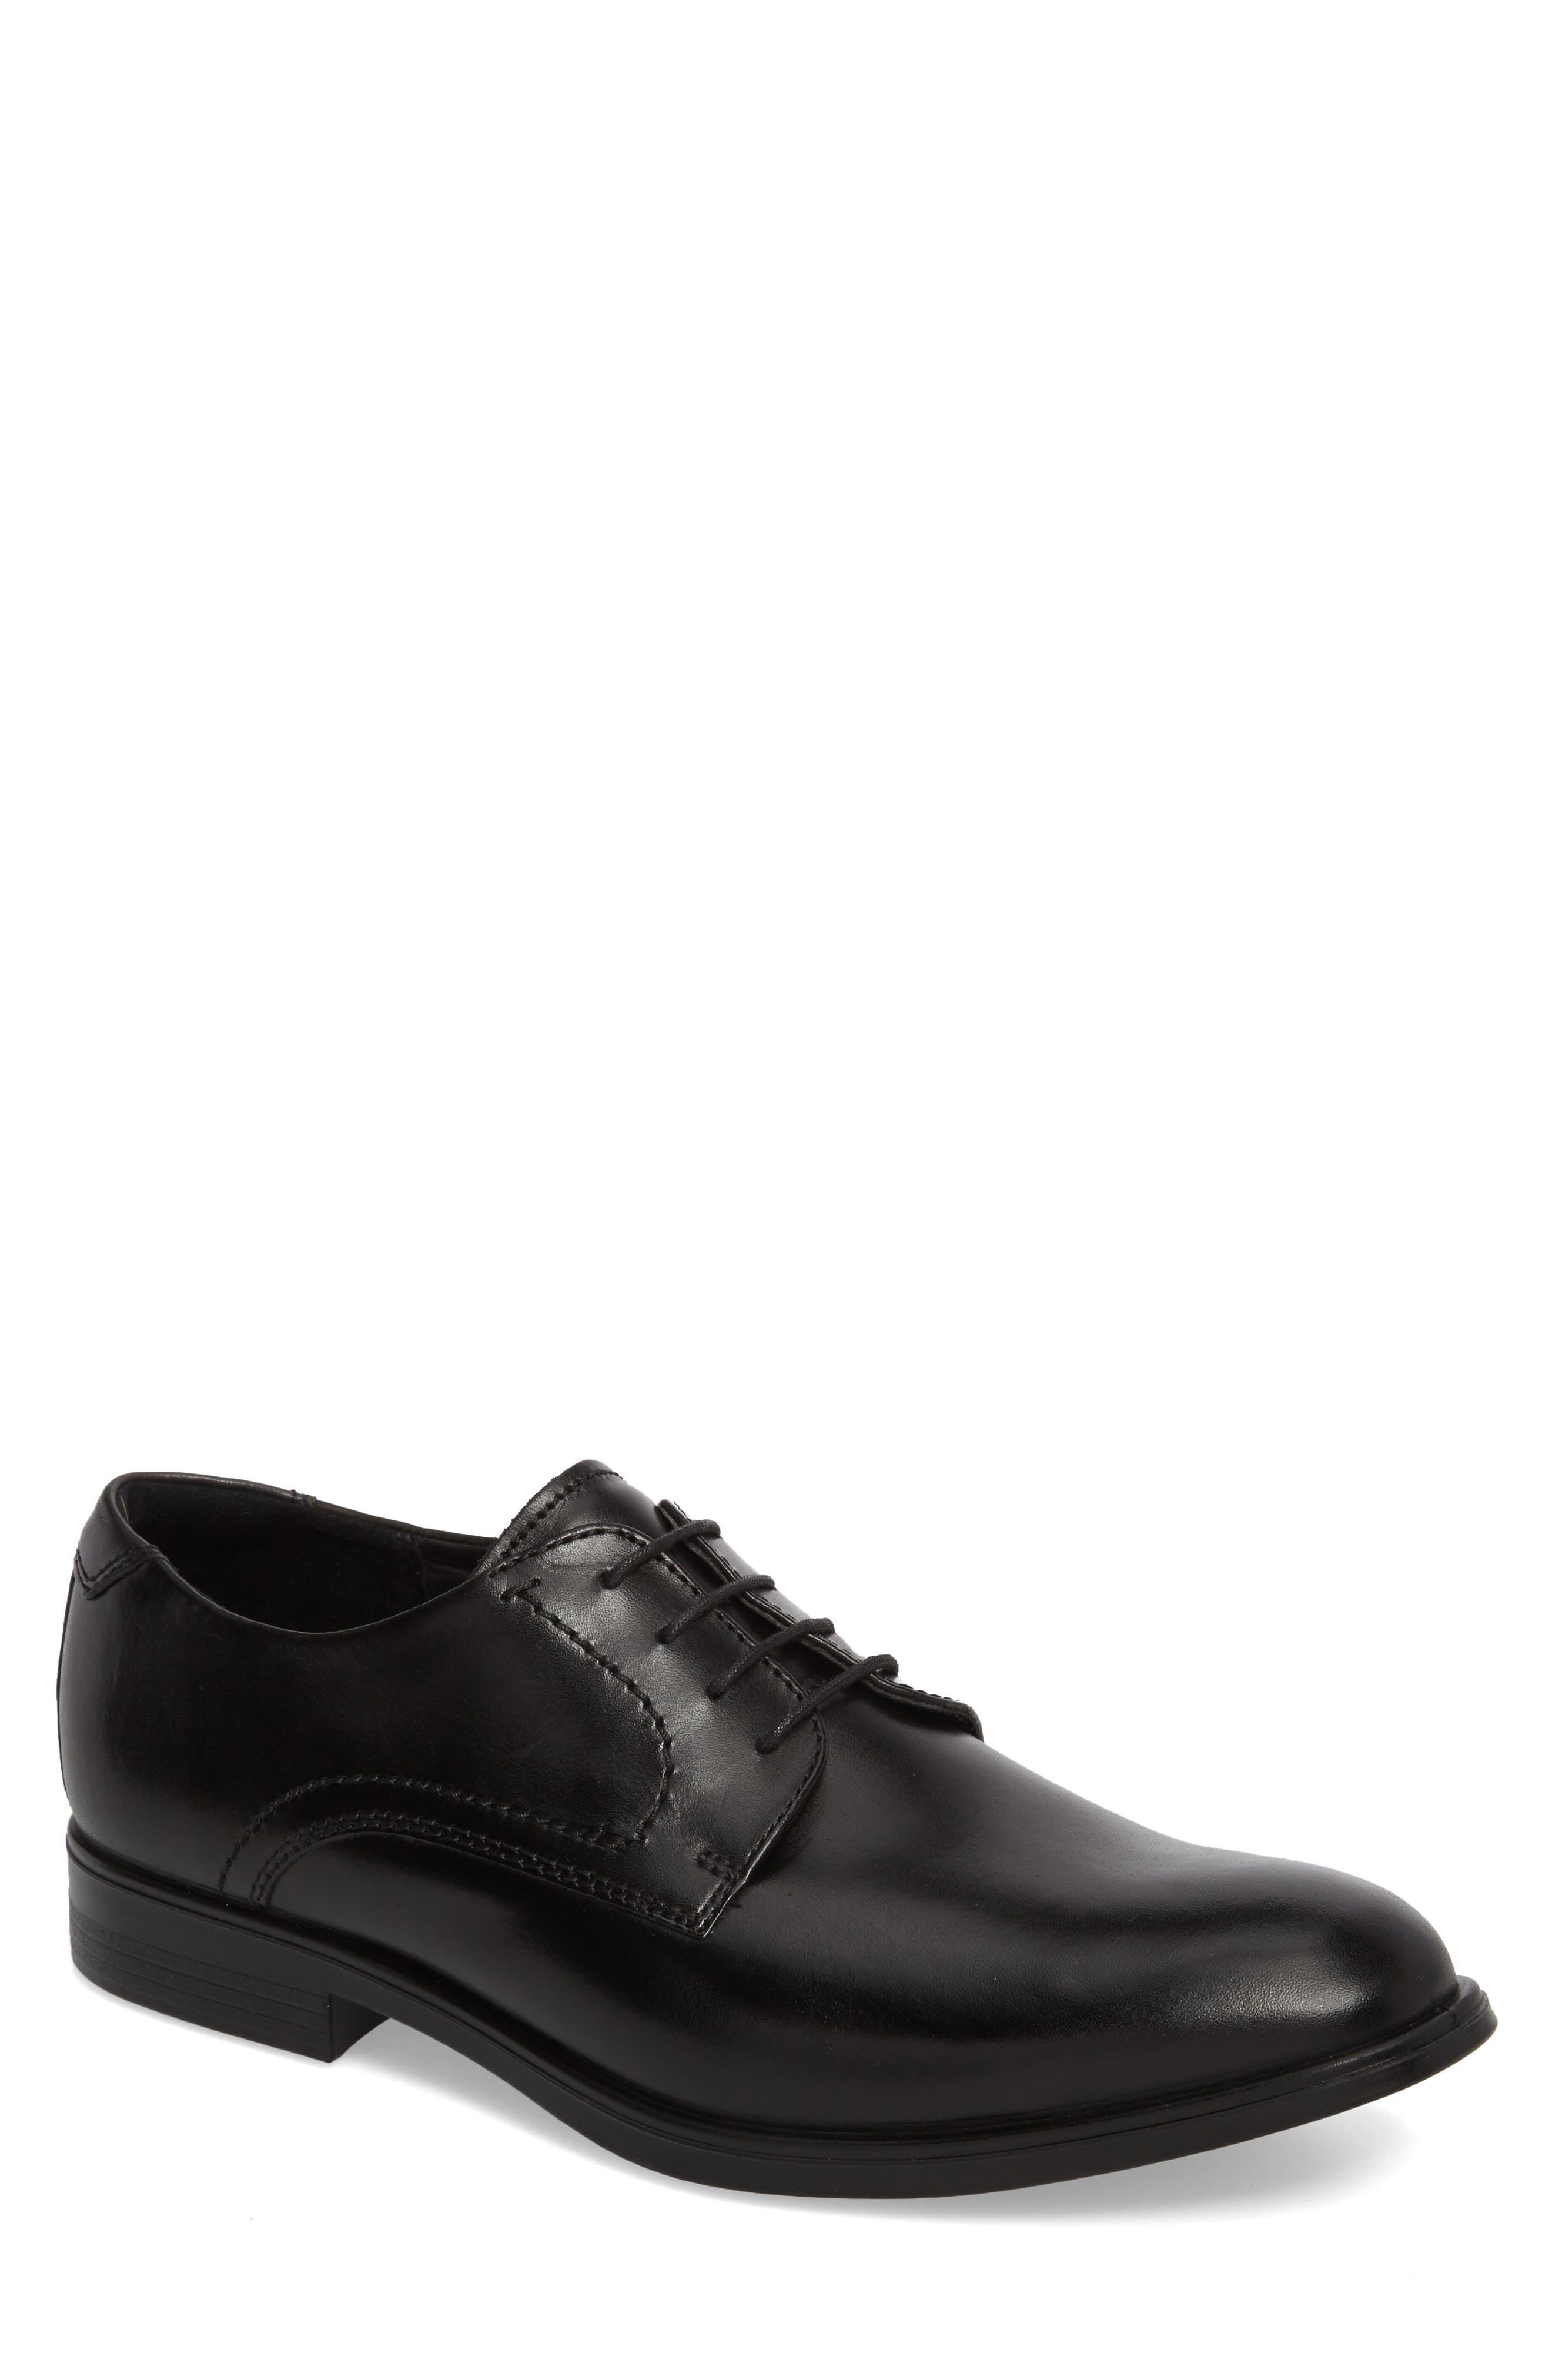 Top End Shoes Melbourne